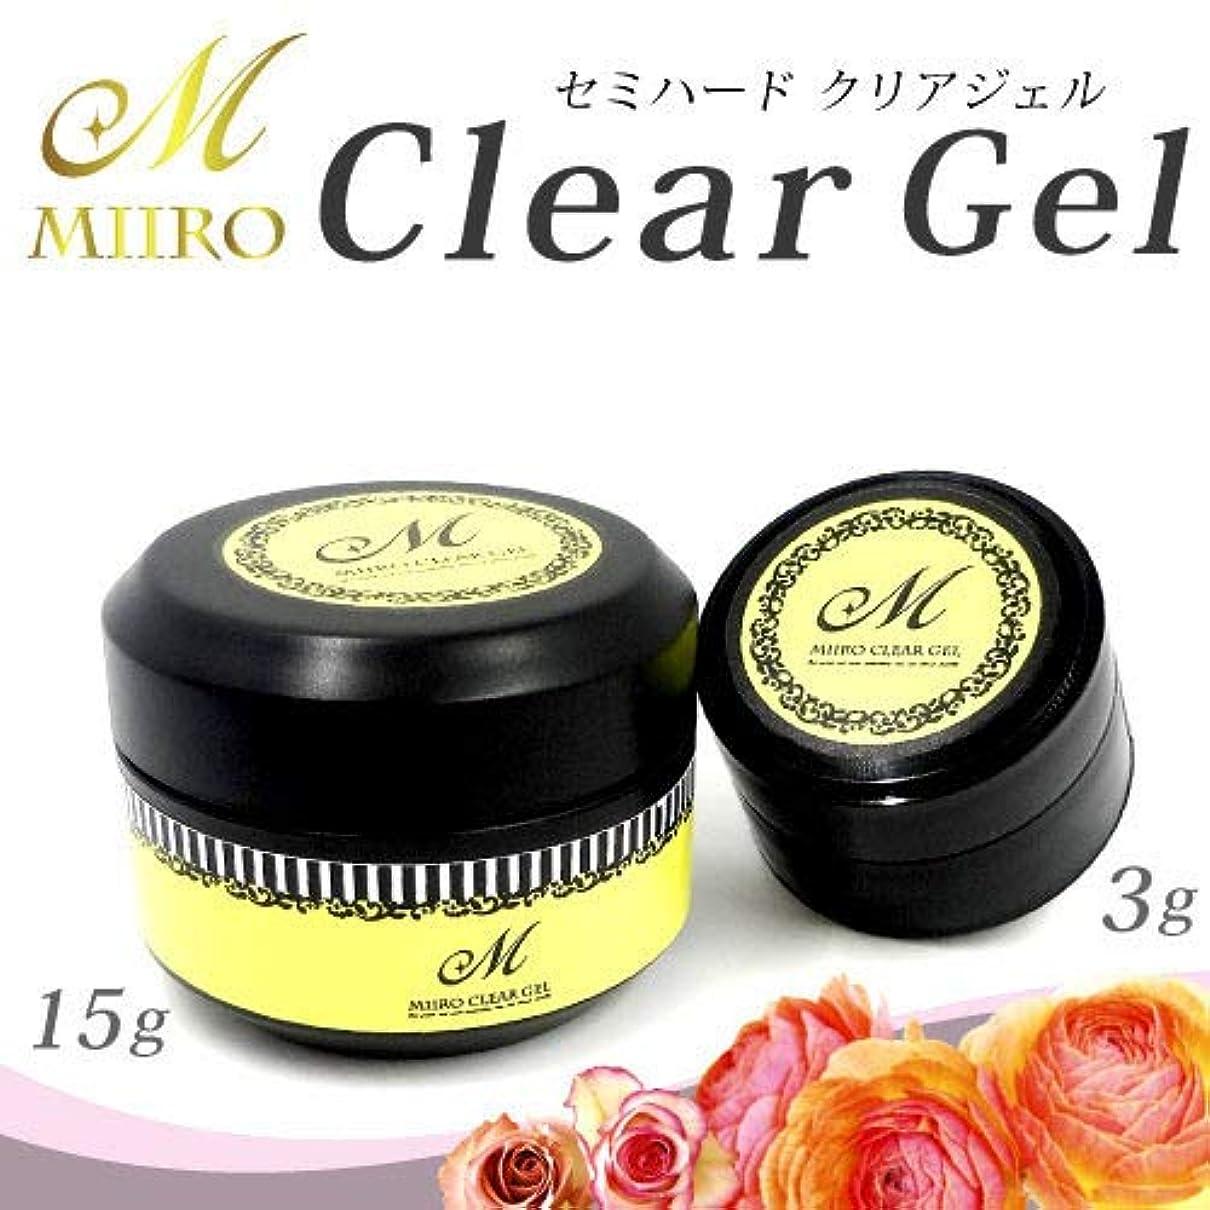 コインランドリーポテトシャーセミハードクリアジェル 美色 Miiro(15g)UV&LED対応 (宅配便発送のみ)